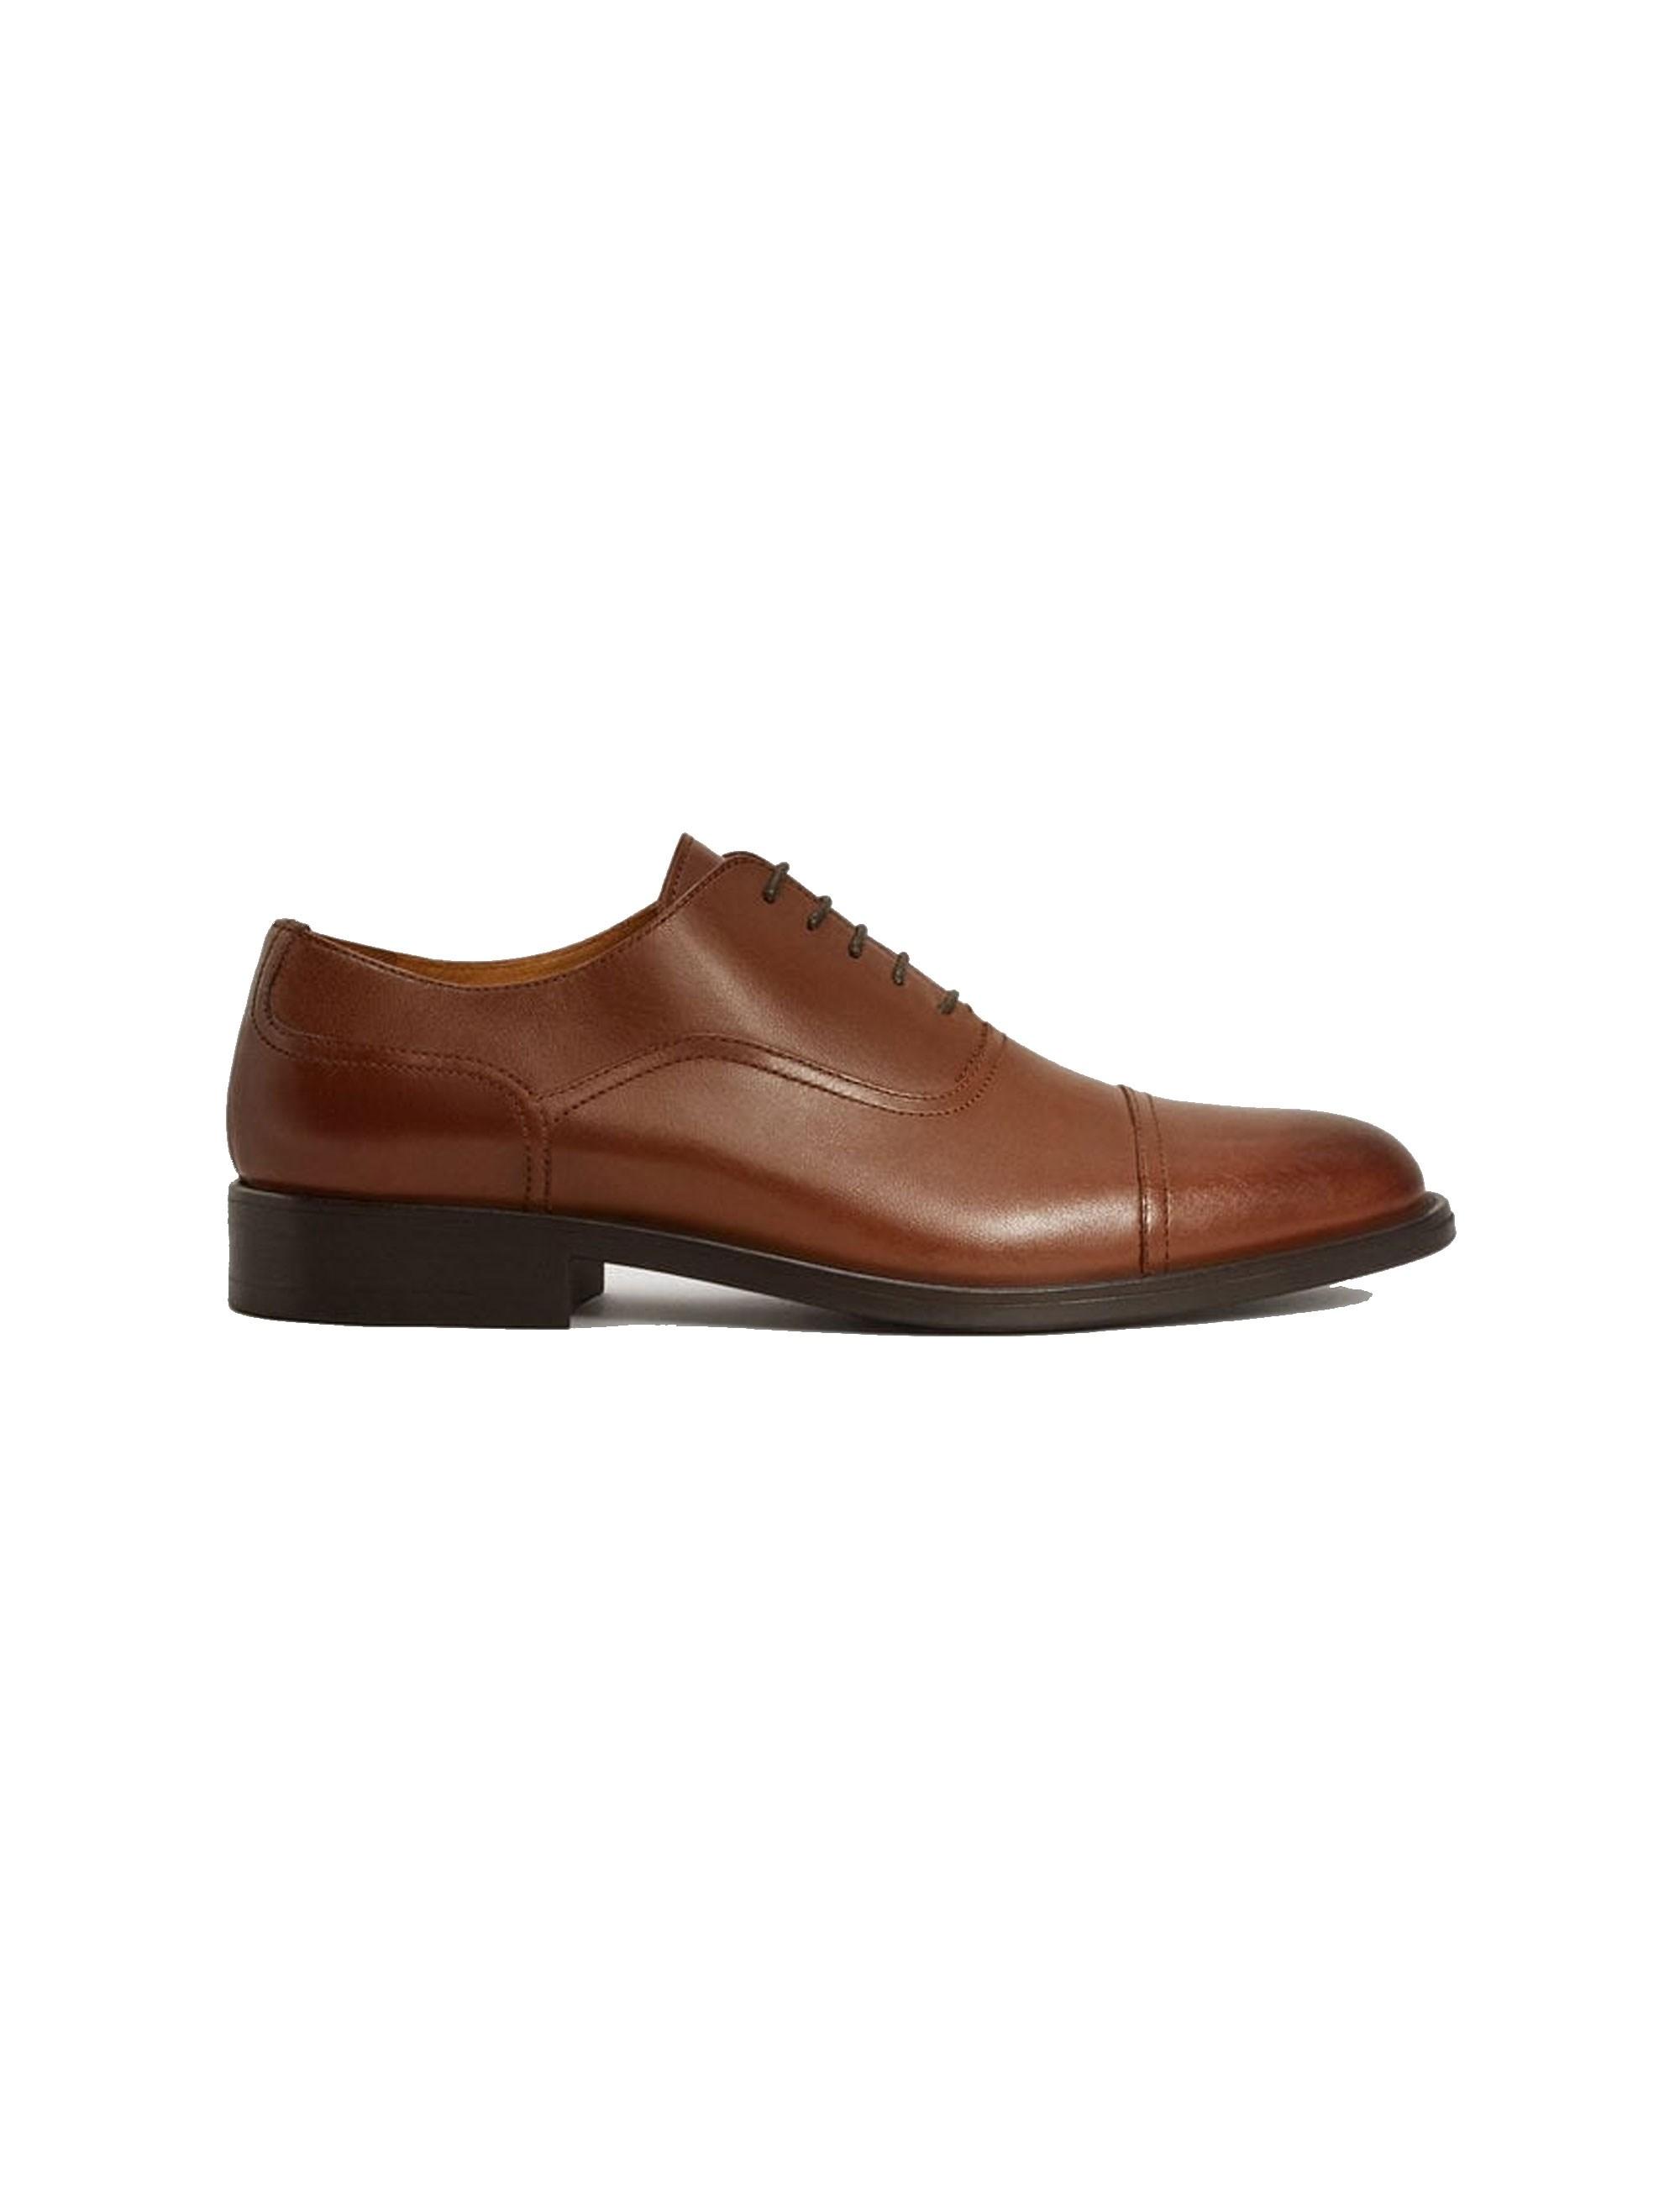 قیمت کفش چرم رسمی مردانه - مانگو